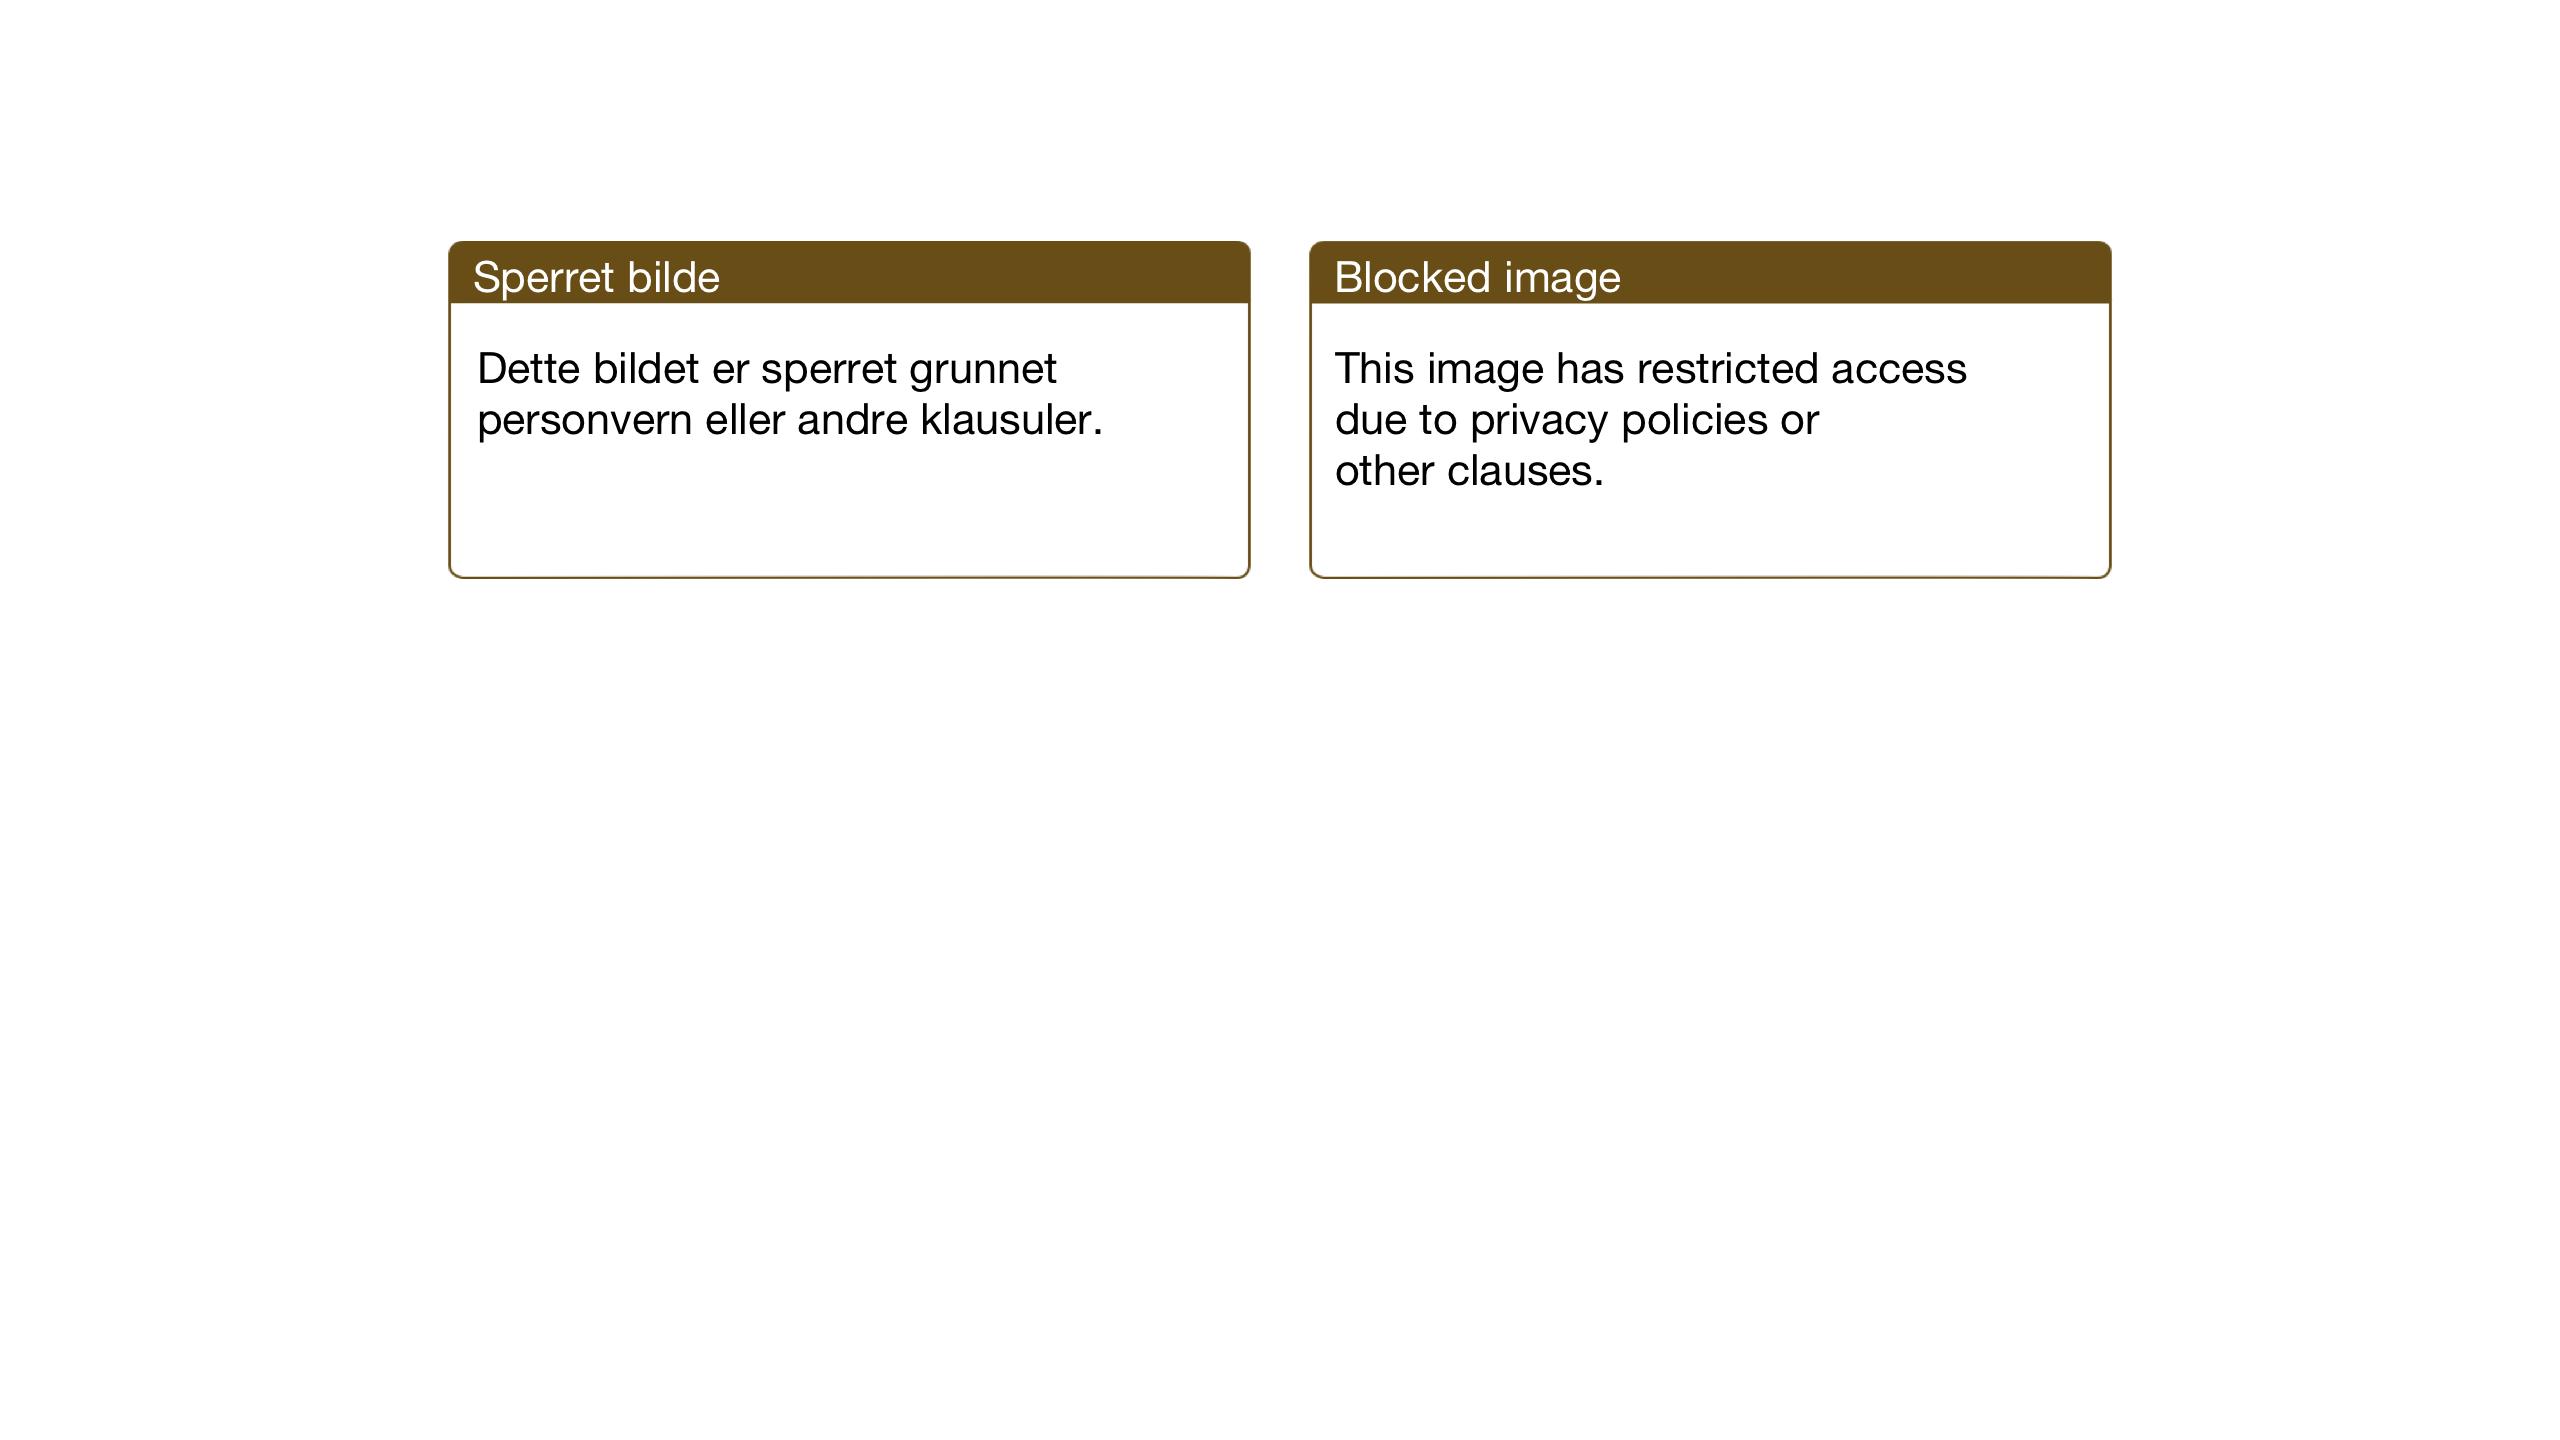 SAT, Ministerialprotokoller, klokkerbøker og fødselsregistre - Sør-Trøndelag, 686/L0986: Klokkerbok nr. 686C02, 1933-1950, s. 18